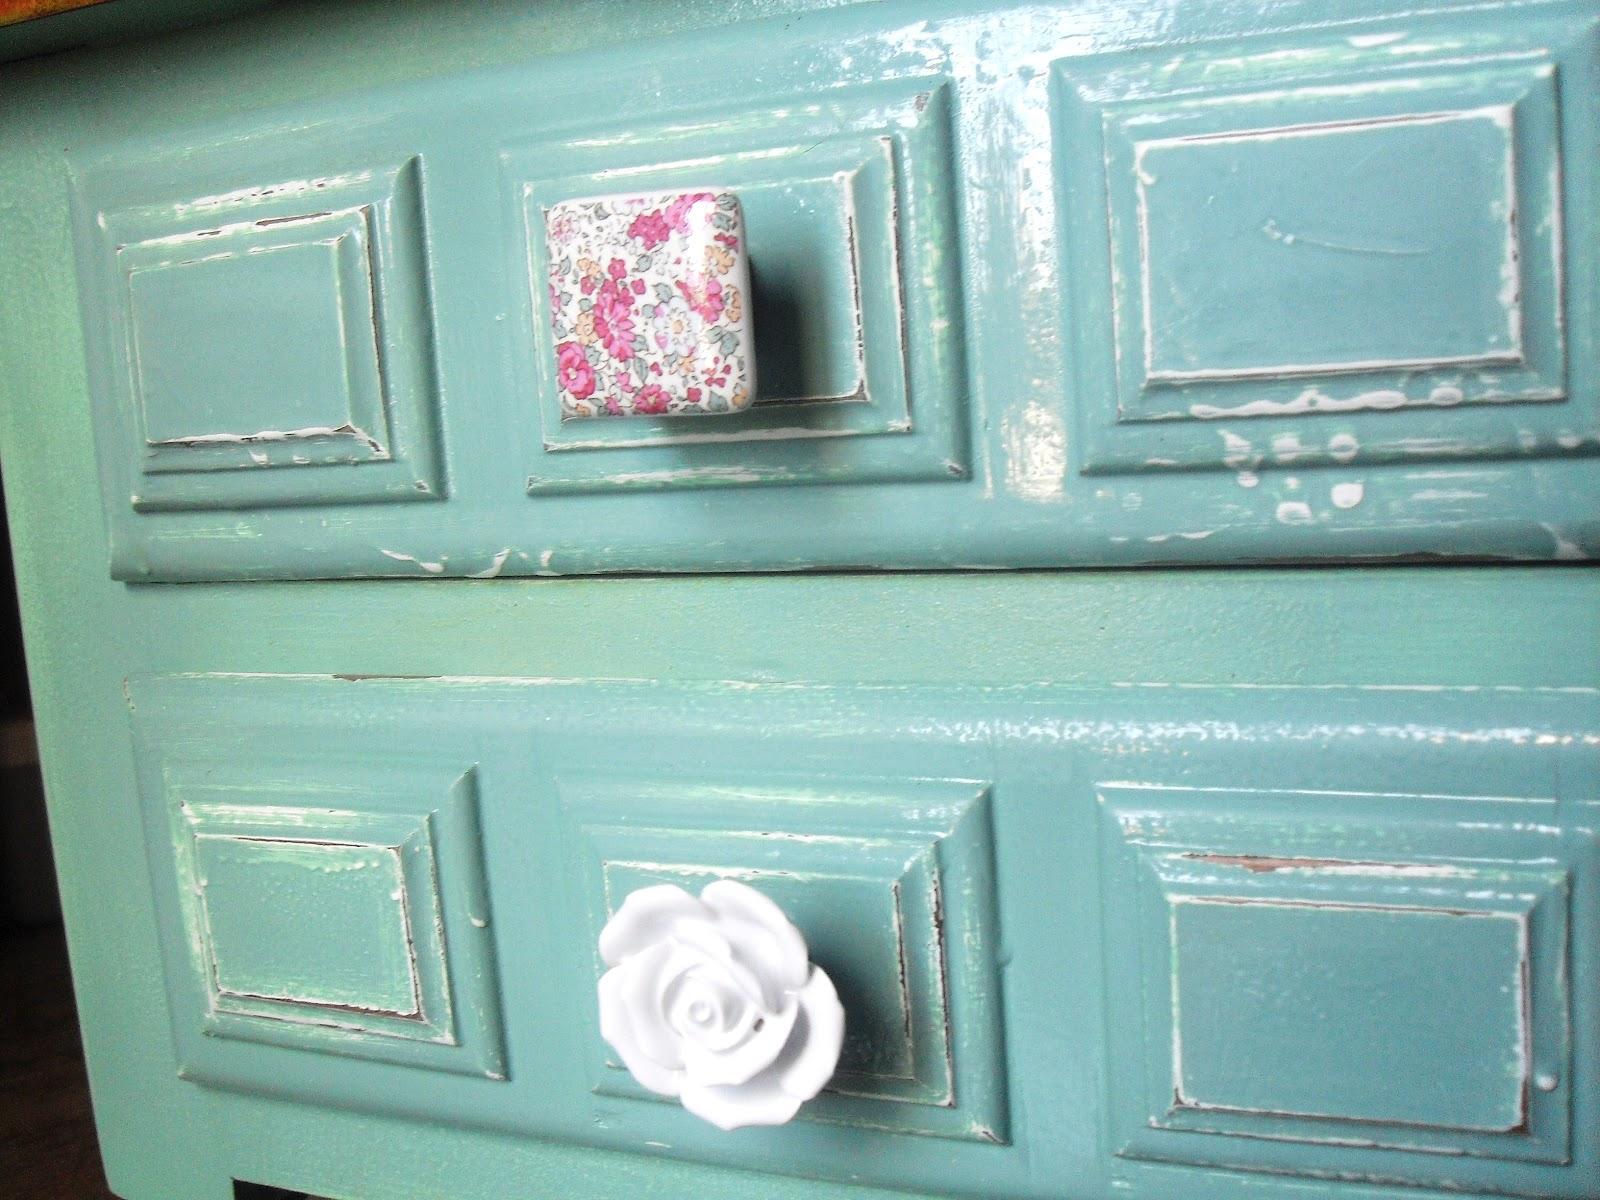 Mesitas re tuenadas pintadas en azul aguamarina for Pintura azul aguamarina